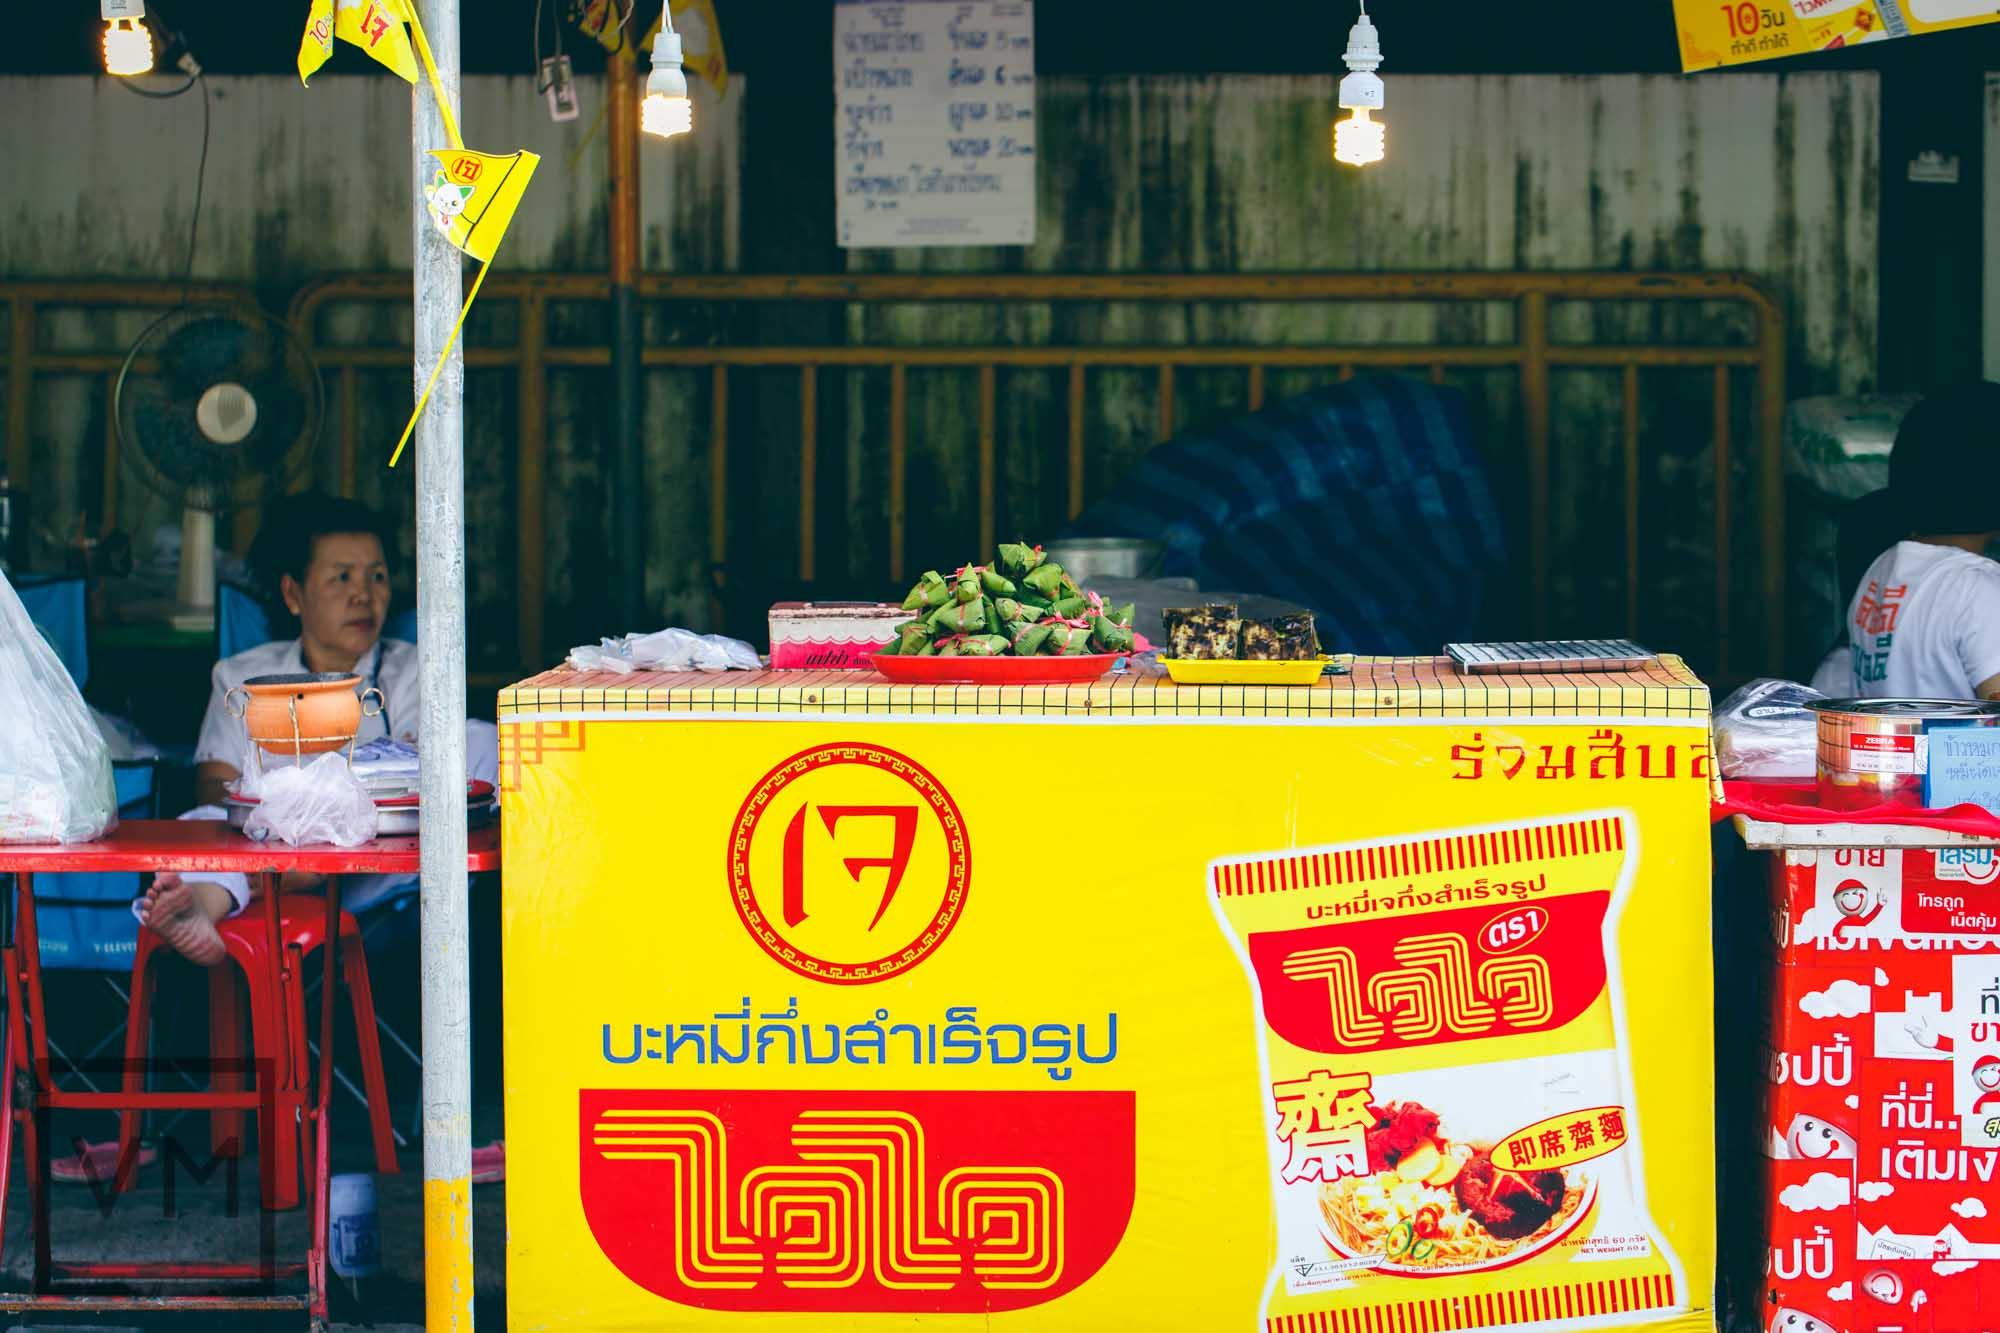 Phuket Vegetarian Festival Stall